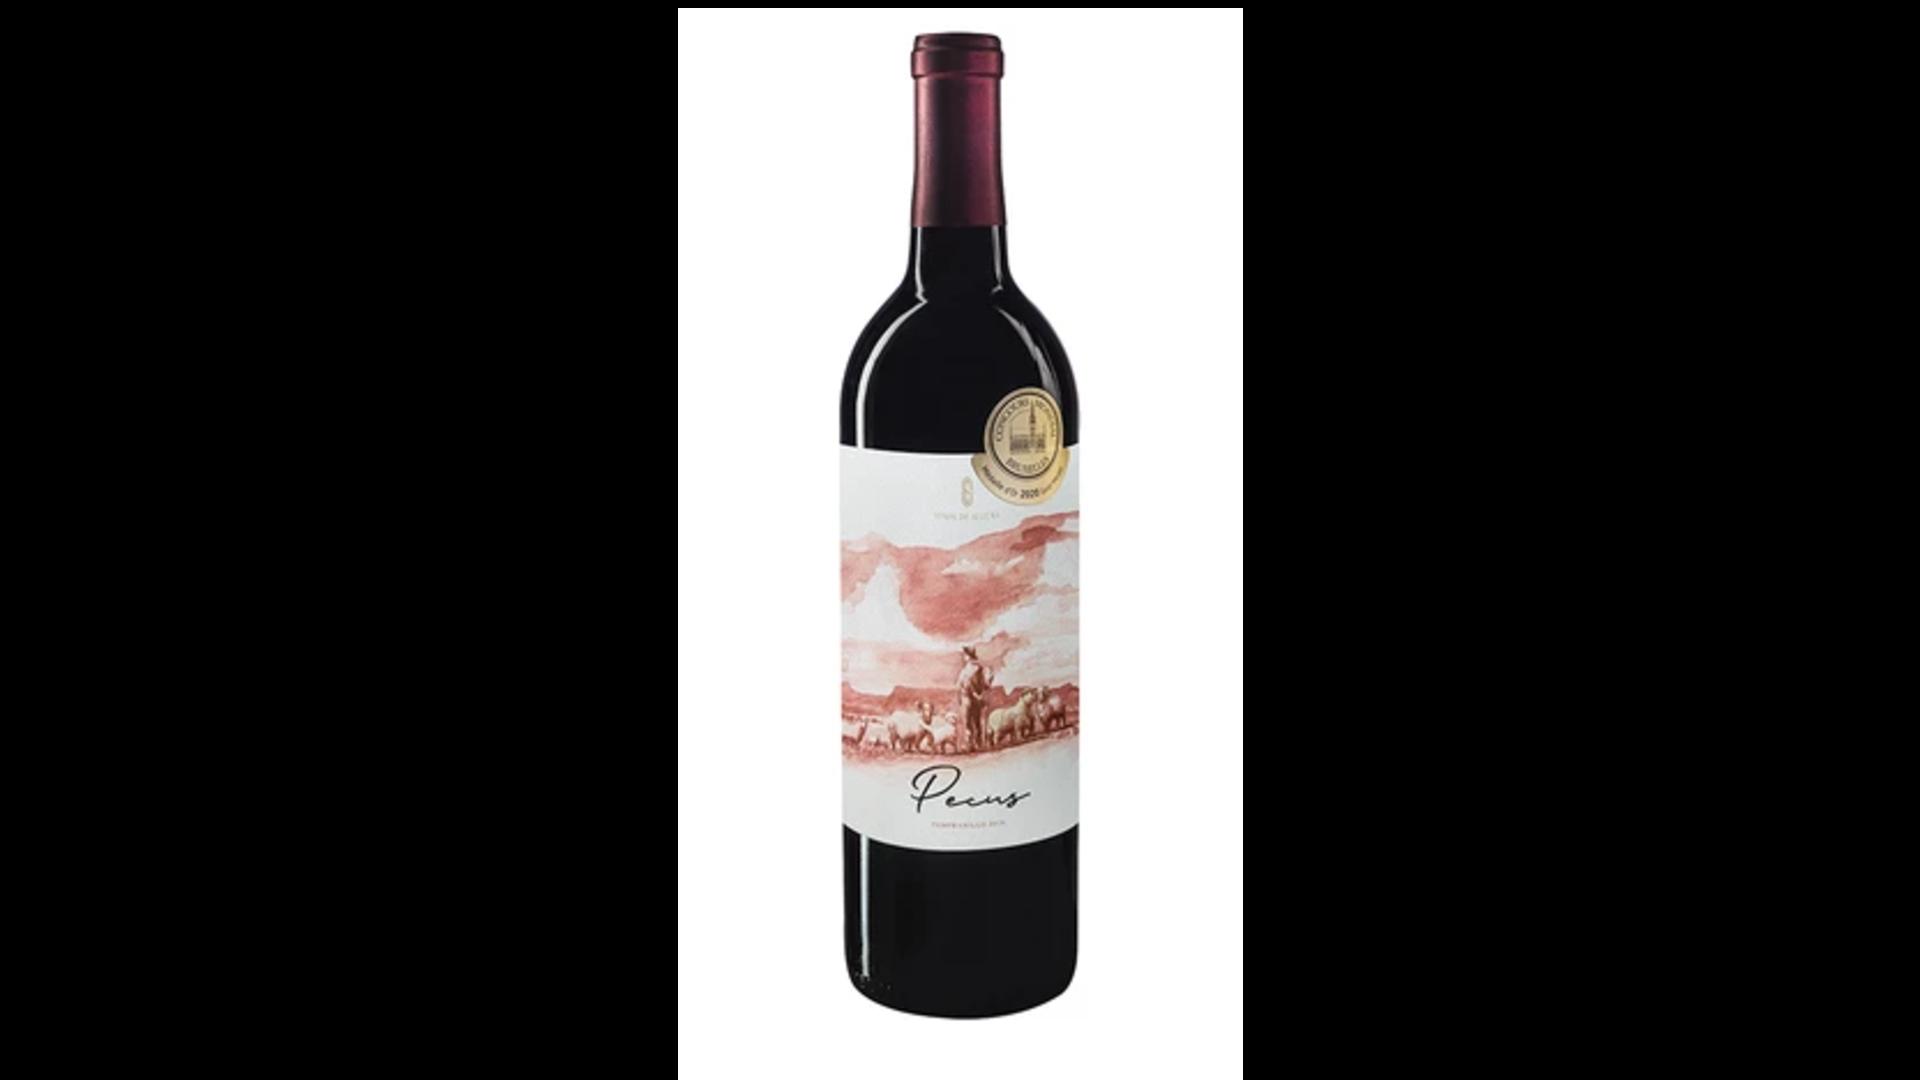 Pecus, de Vinos Santa Clara.